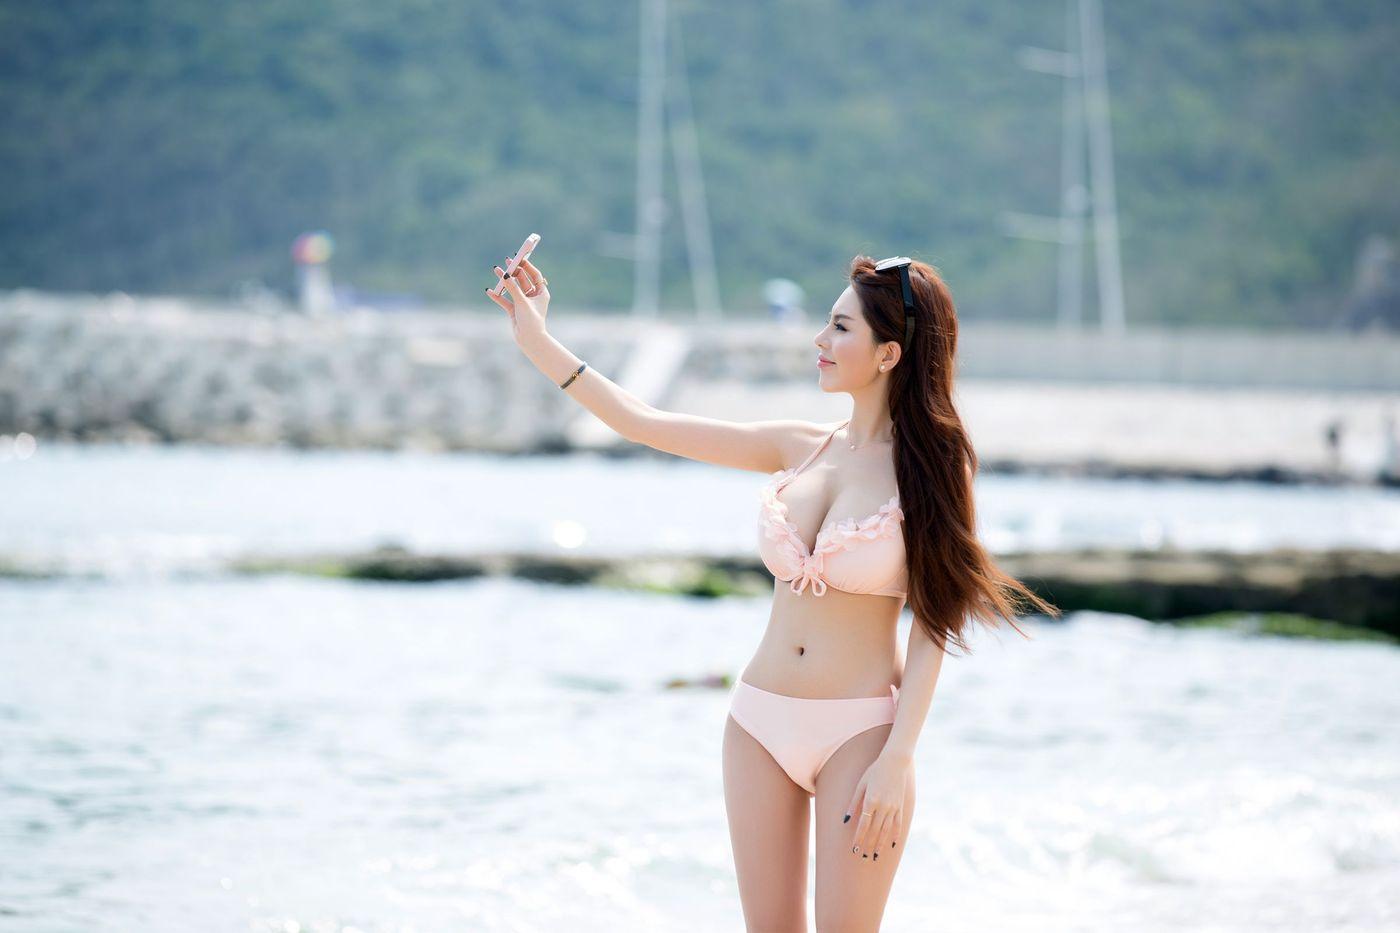 白嫩美女爆乳波涛胸涌比基尼沙滩美女嫩模推女郎-[赵惟依]超高清写真图片|1620126296更新